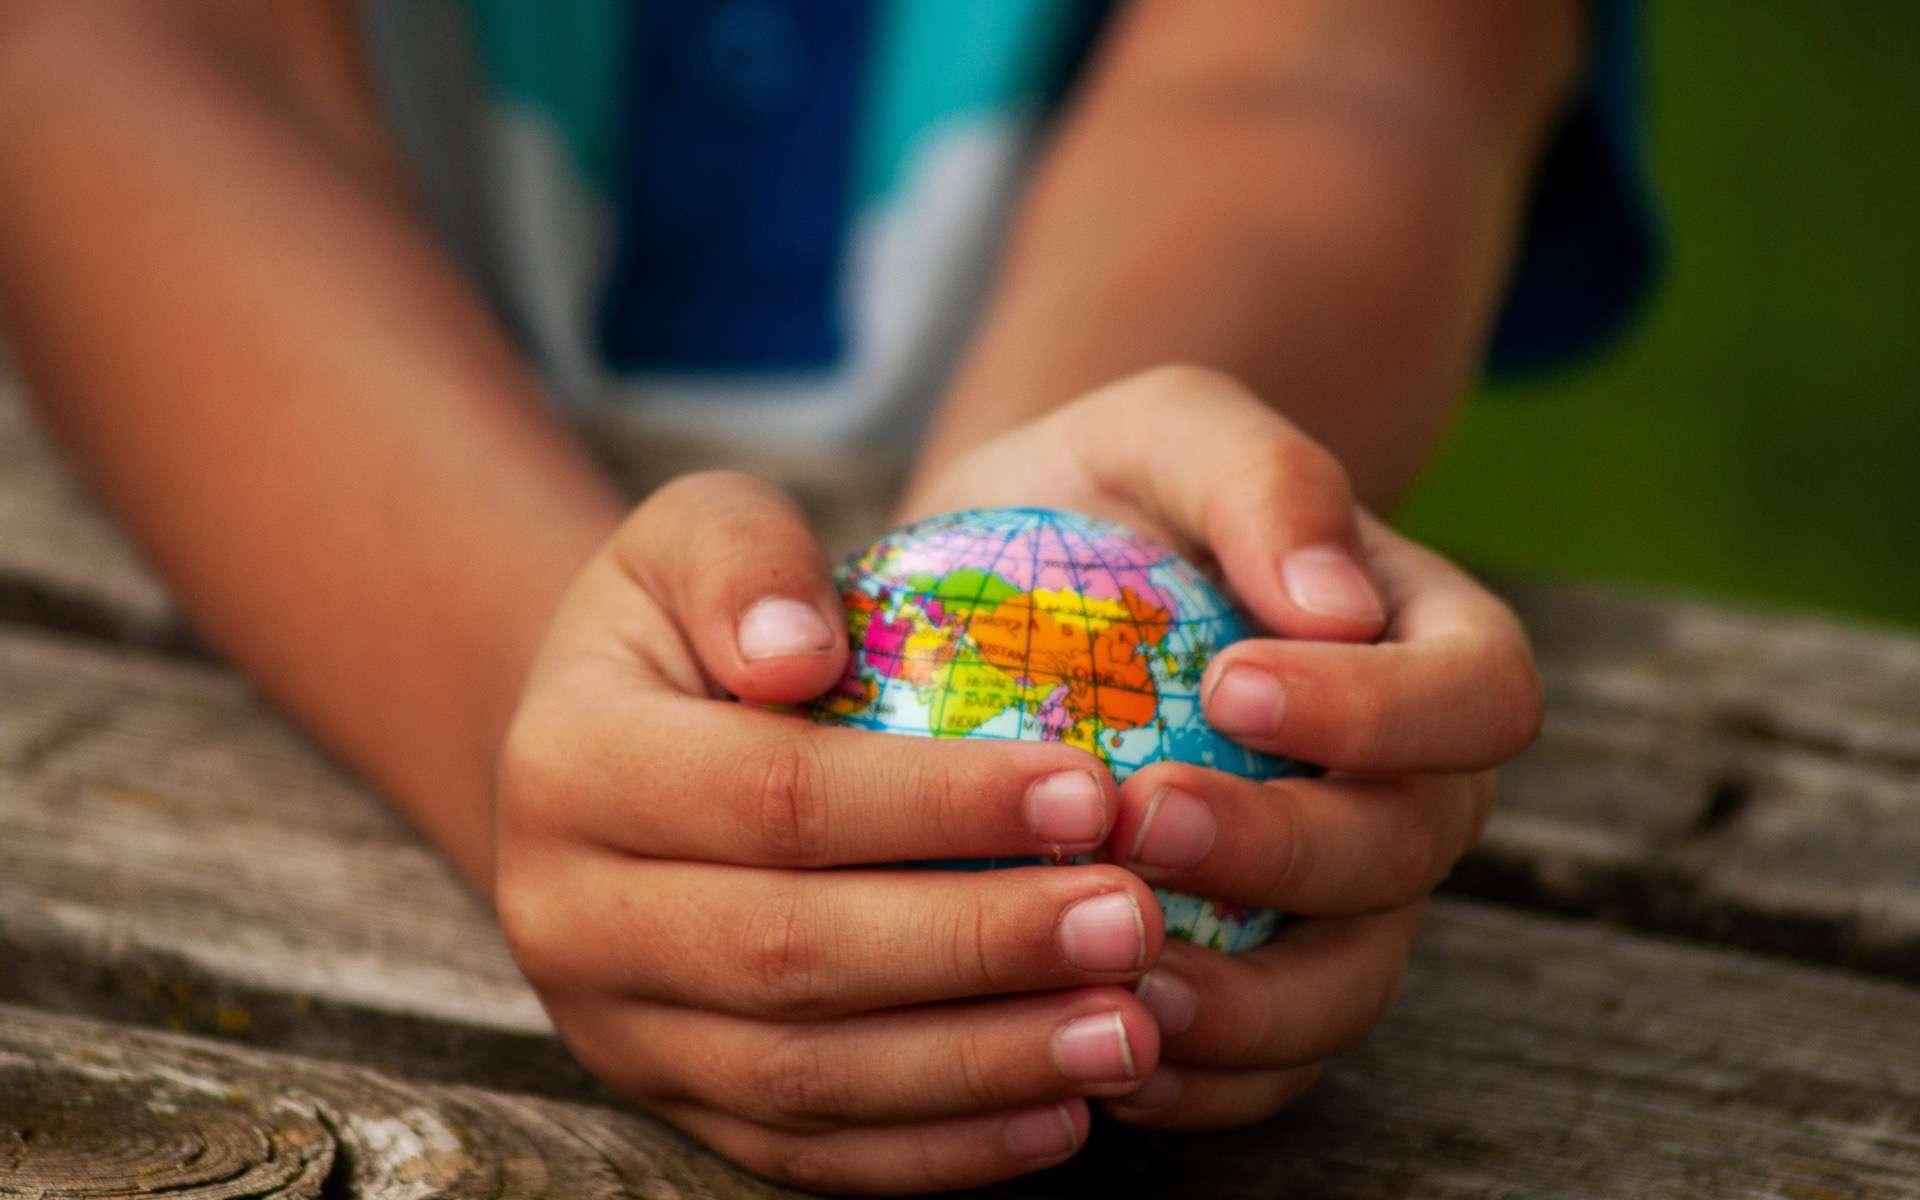 Il faut que les pays s'unissent face au réchauffement climatique ou « nous sommes perdus », selon le secrétaire général de l'ONU. © anuskiserrano, Adobe Stock